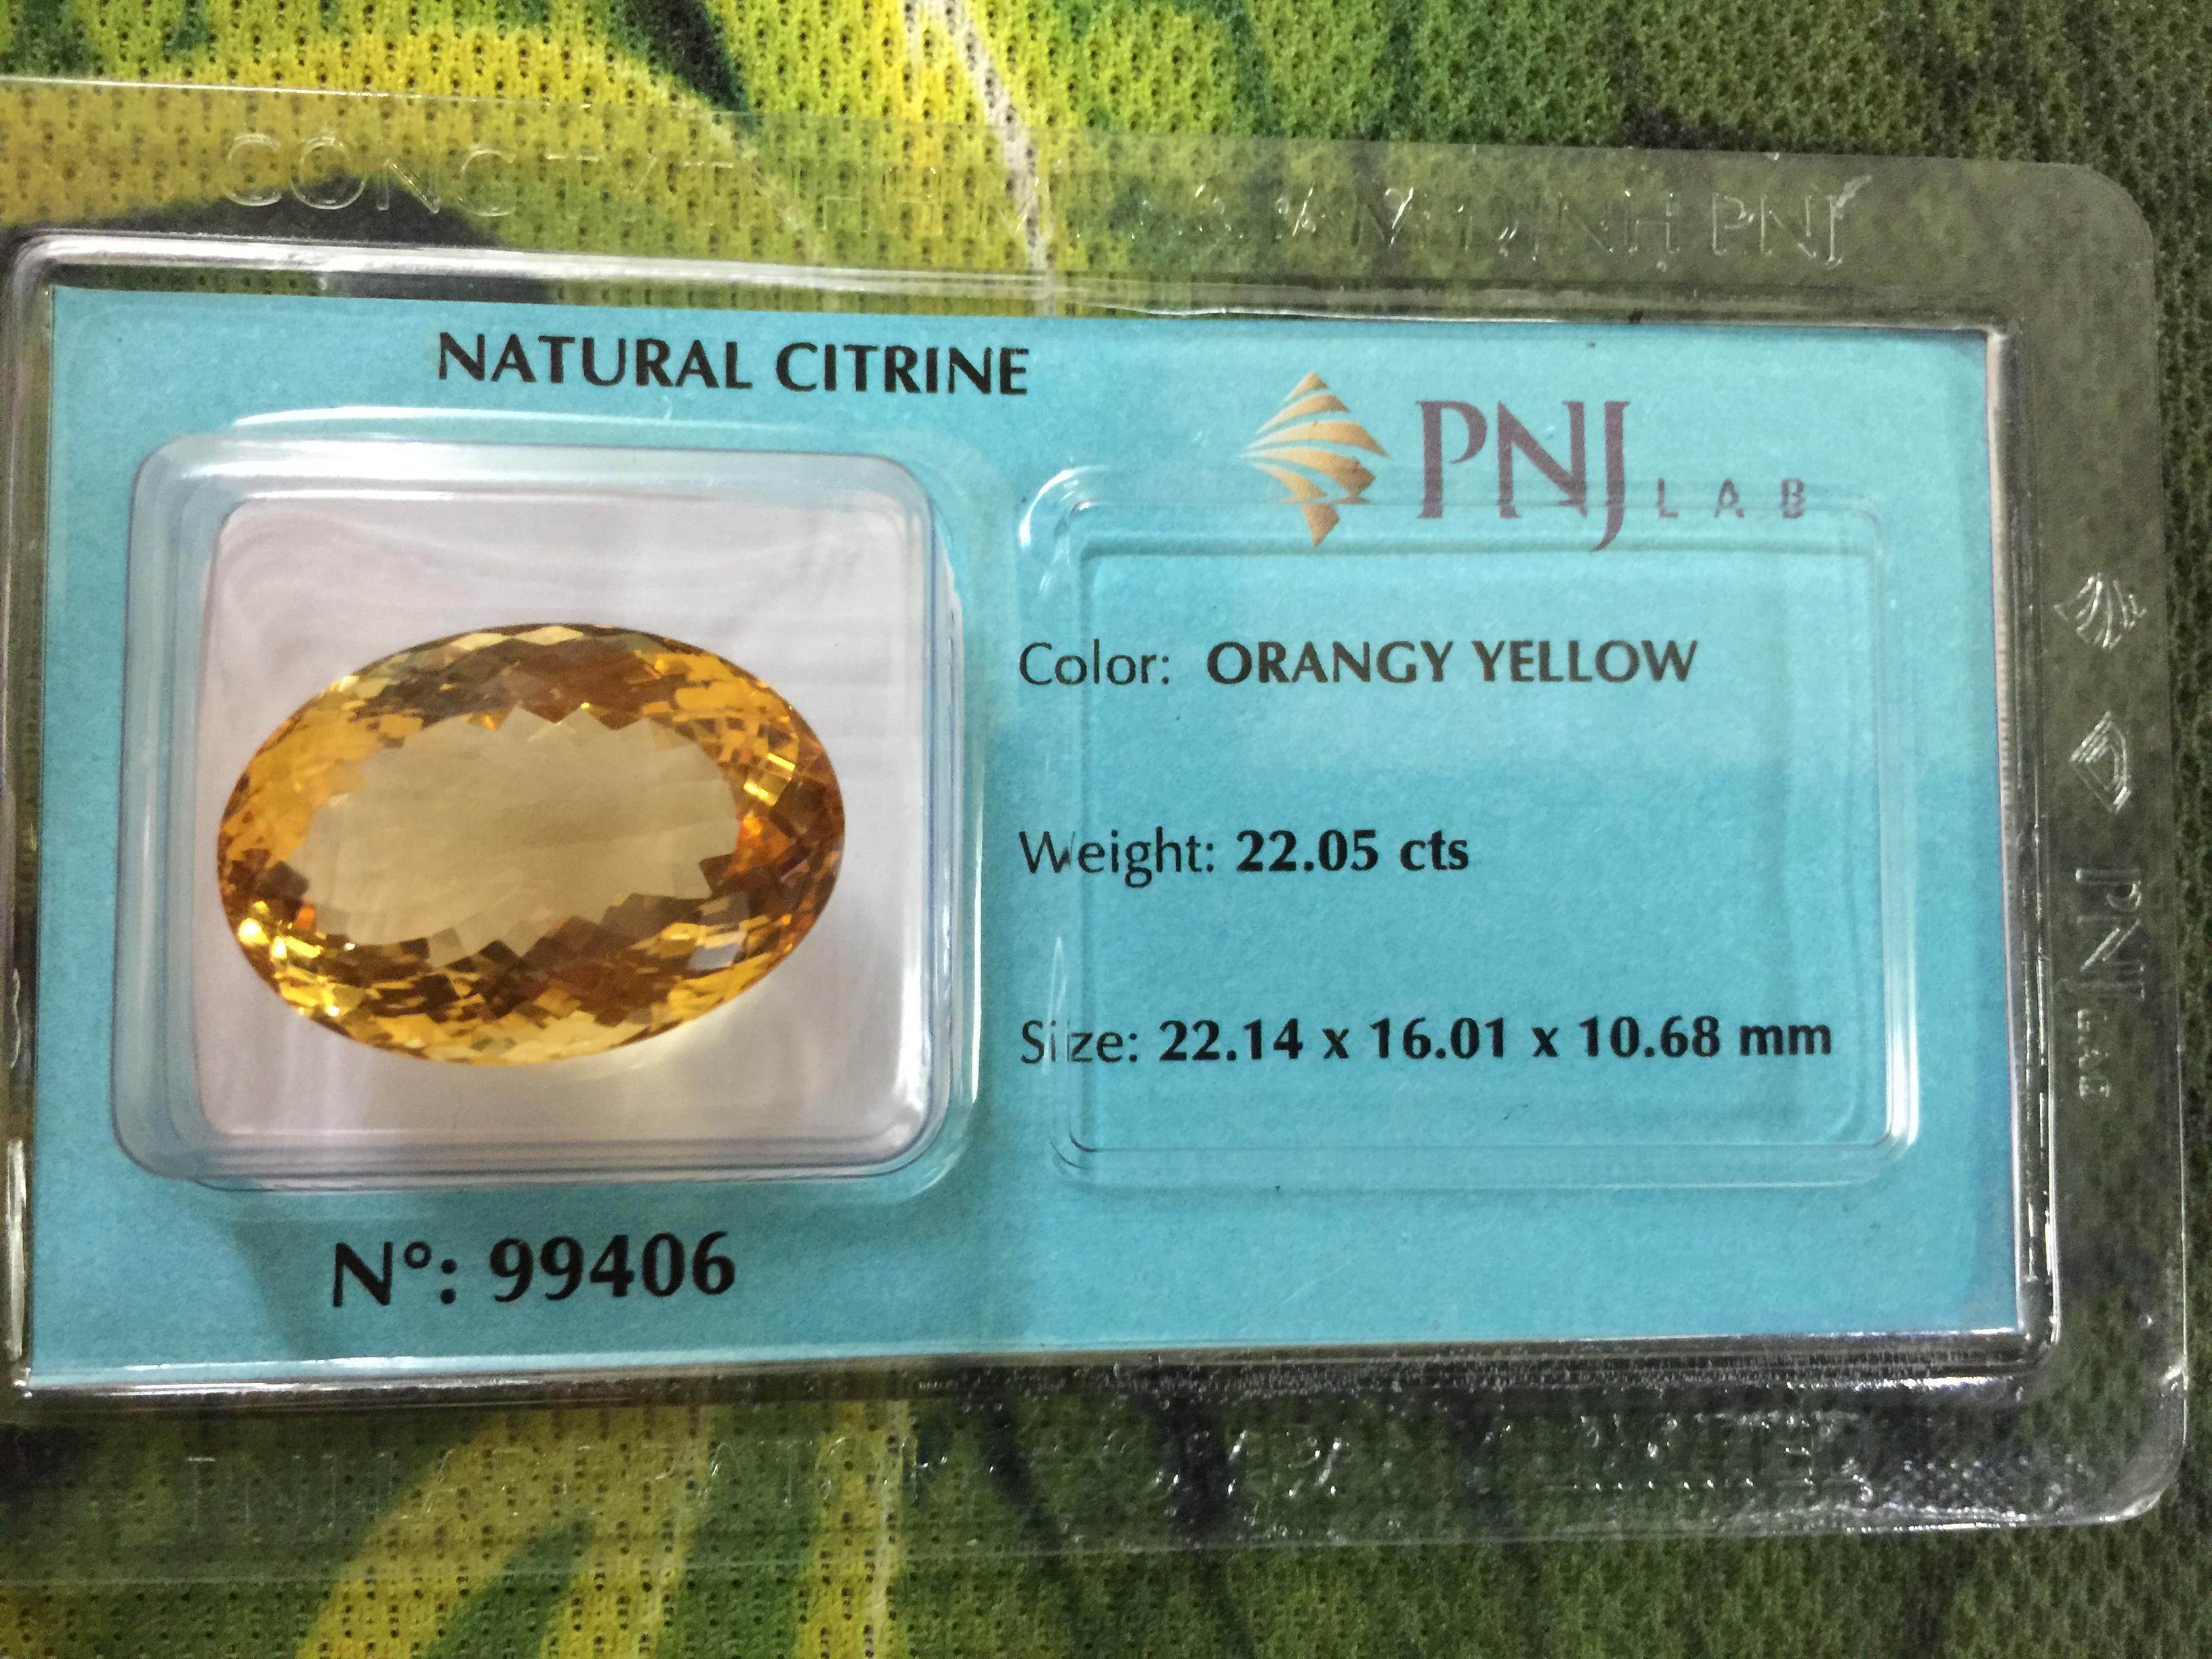 Viên đá Citrine thiên nhiên màu mật ong size lớn rất đẹp  PNJ 99406